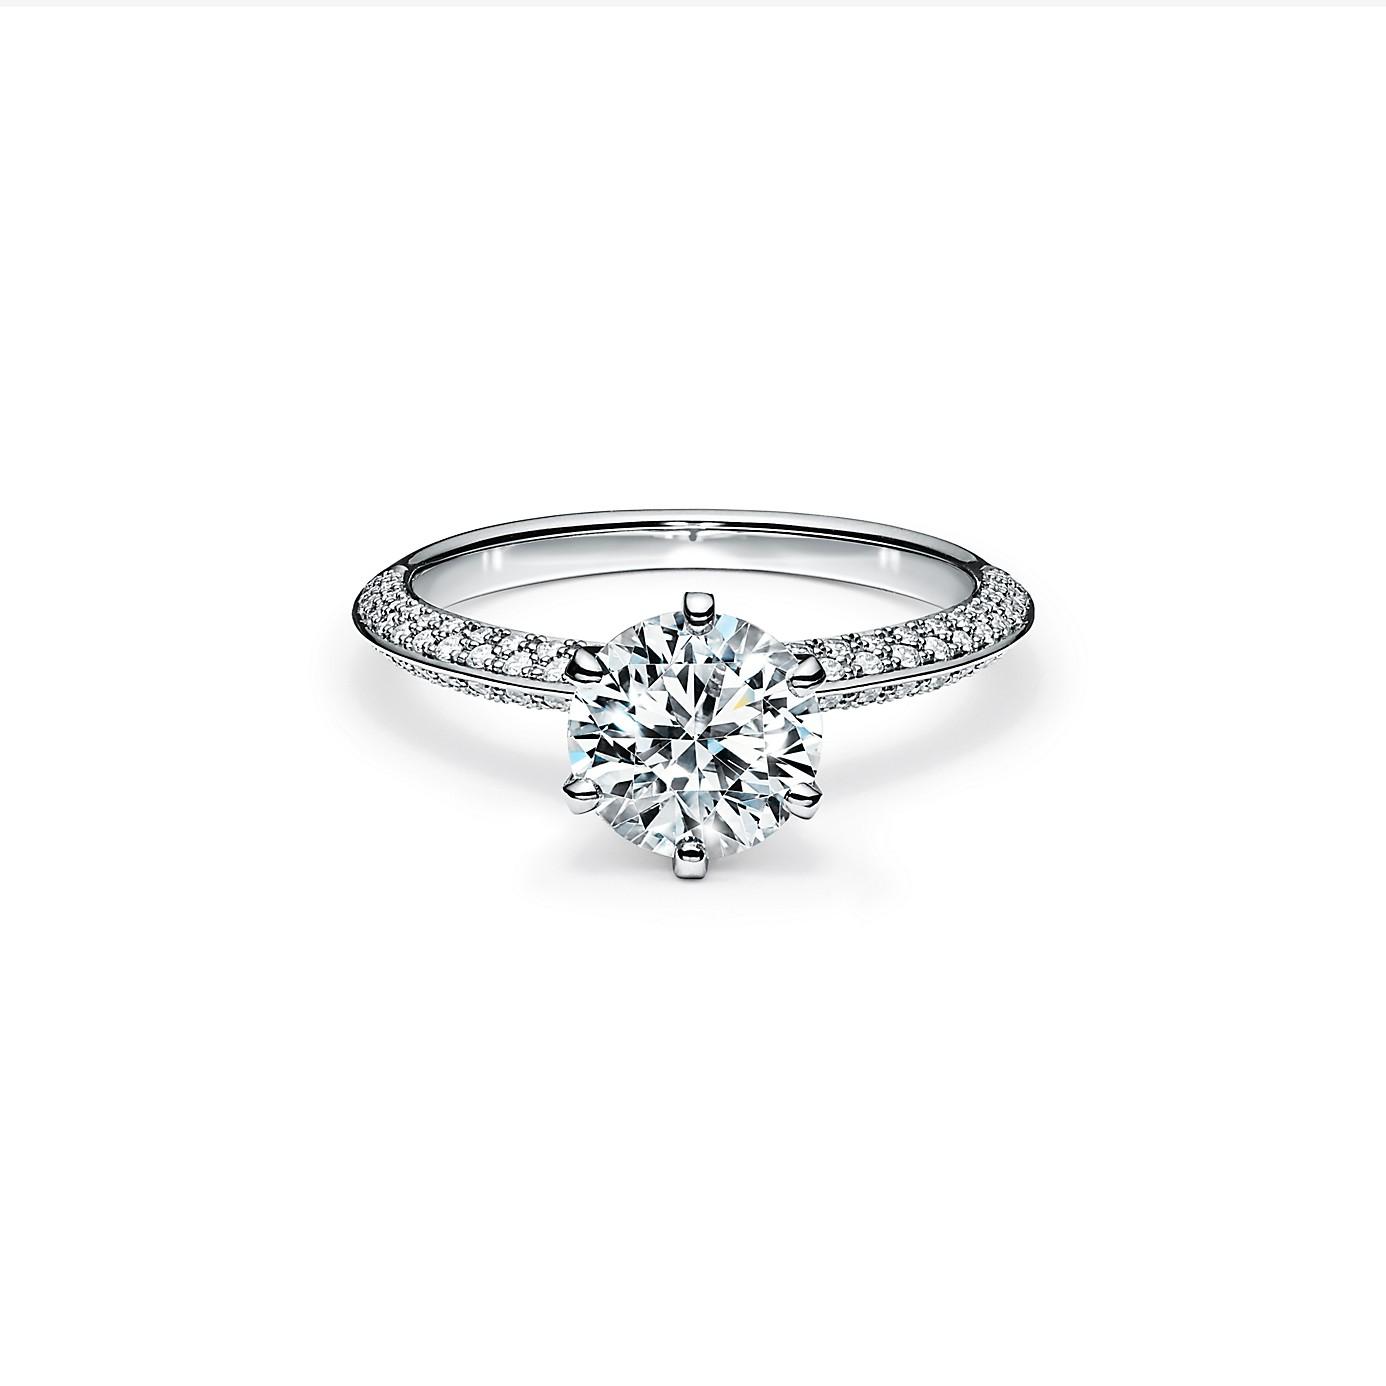 ティファニー セッティング エンゲージメント リング パヴェ ダイヤモンド バンド(1)―Tiffany & Co.(ティファニー)